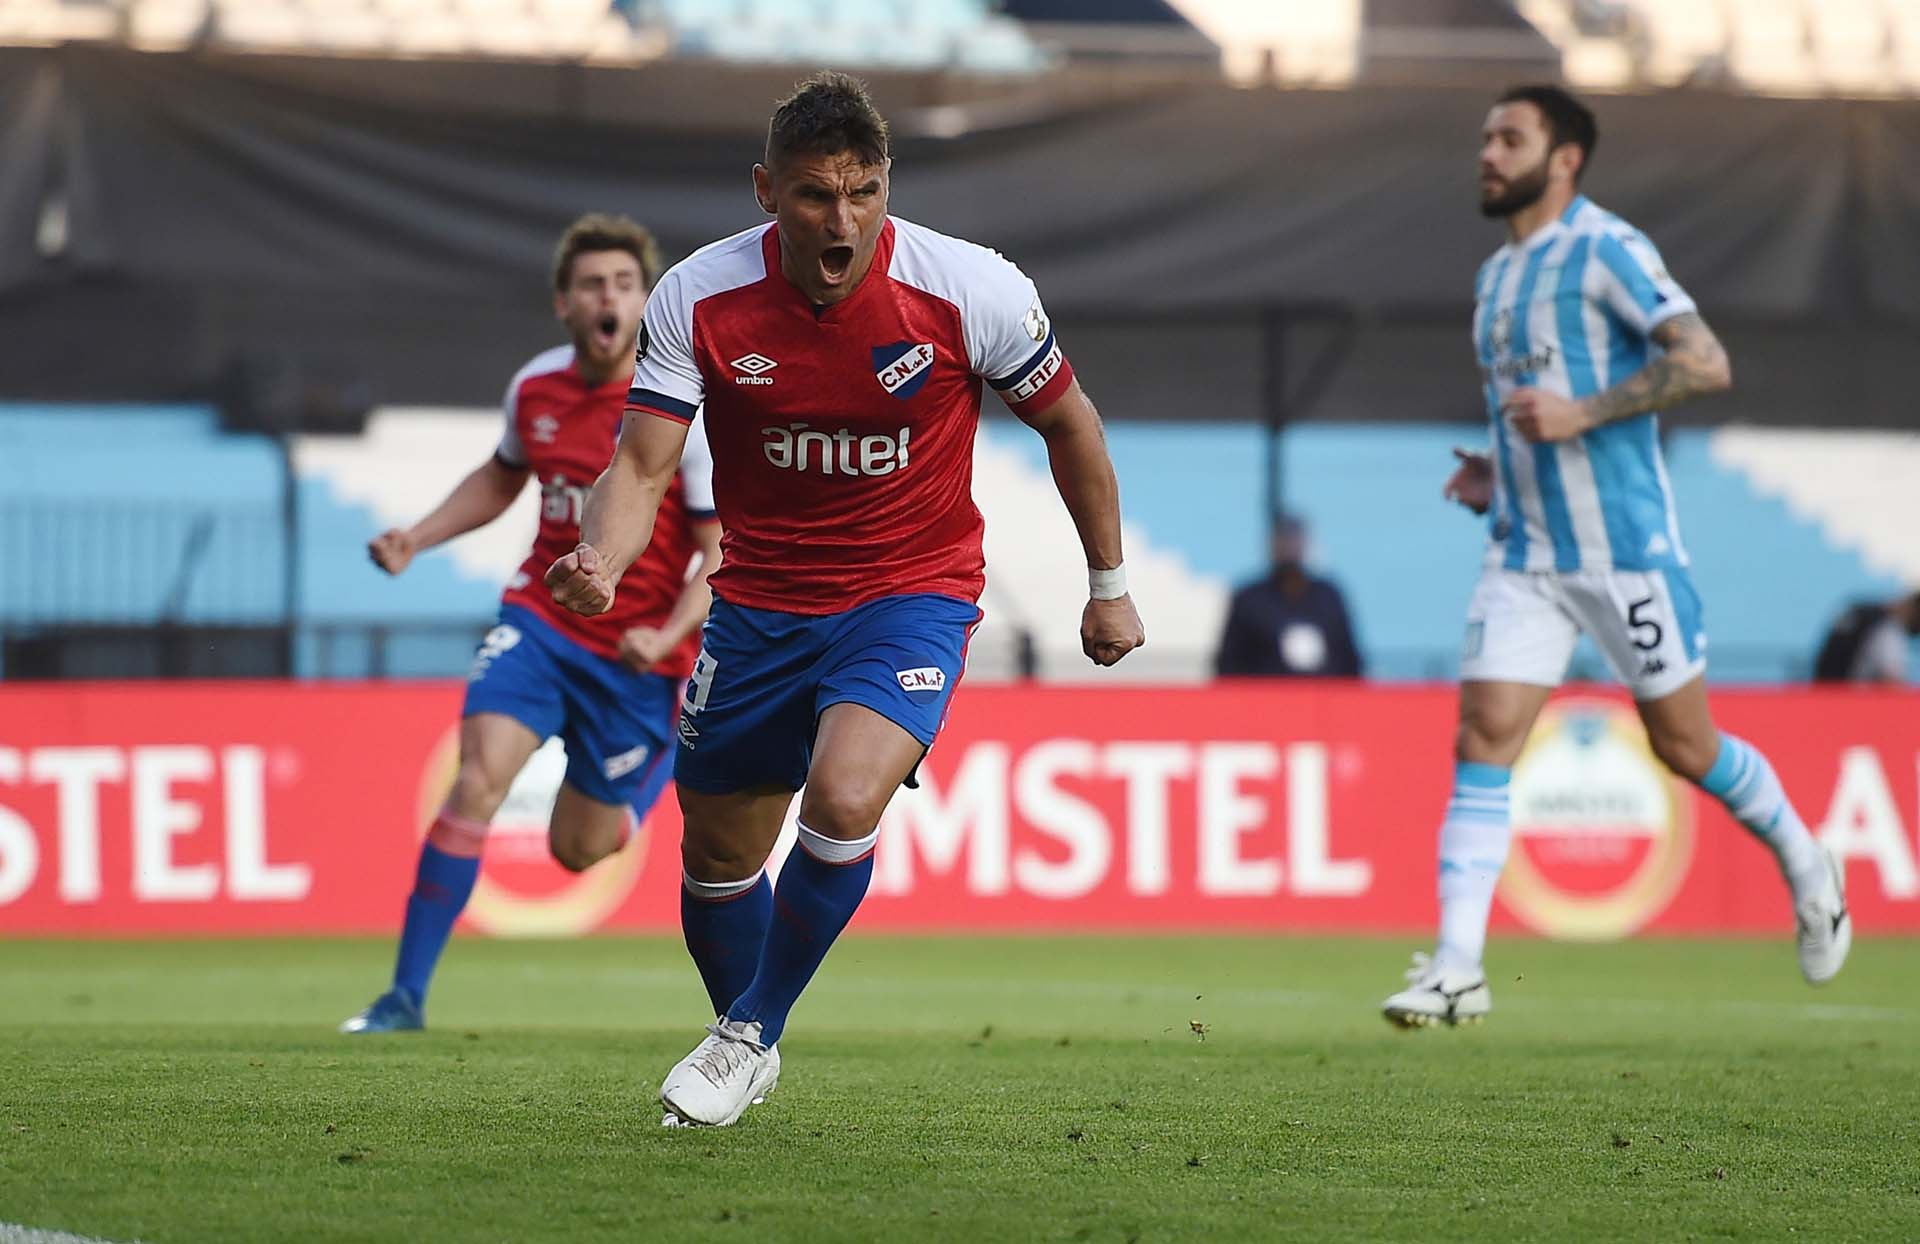 La celebración de Lavandina Bergessio: convirtió de penal el único gol en Avellaneda (REUTERS/Marcelo Endelli)